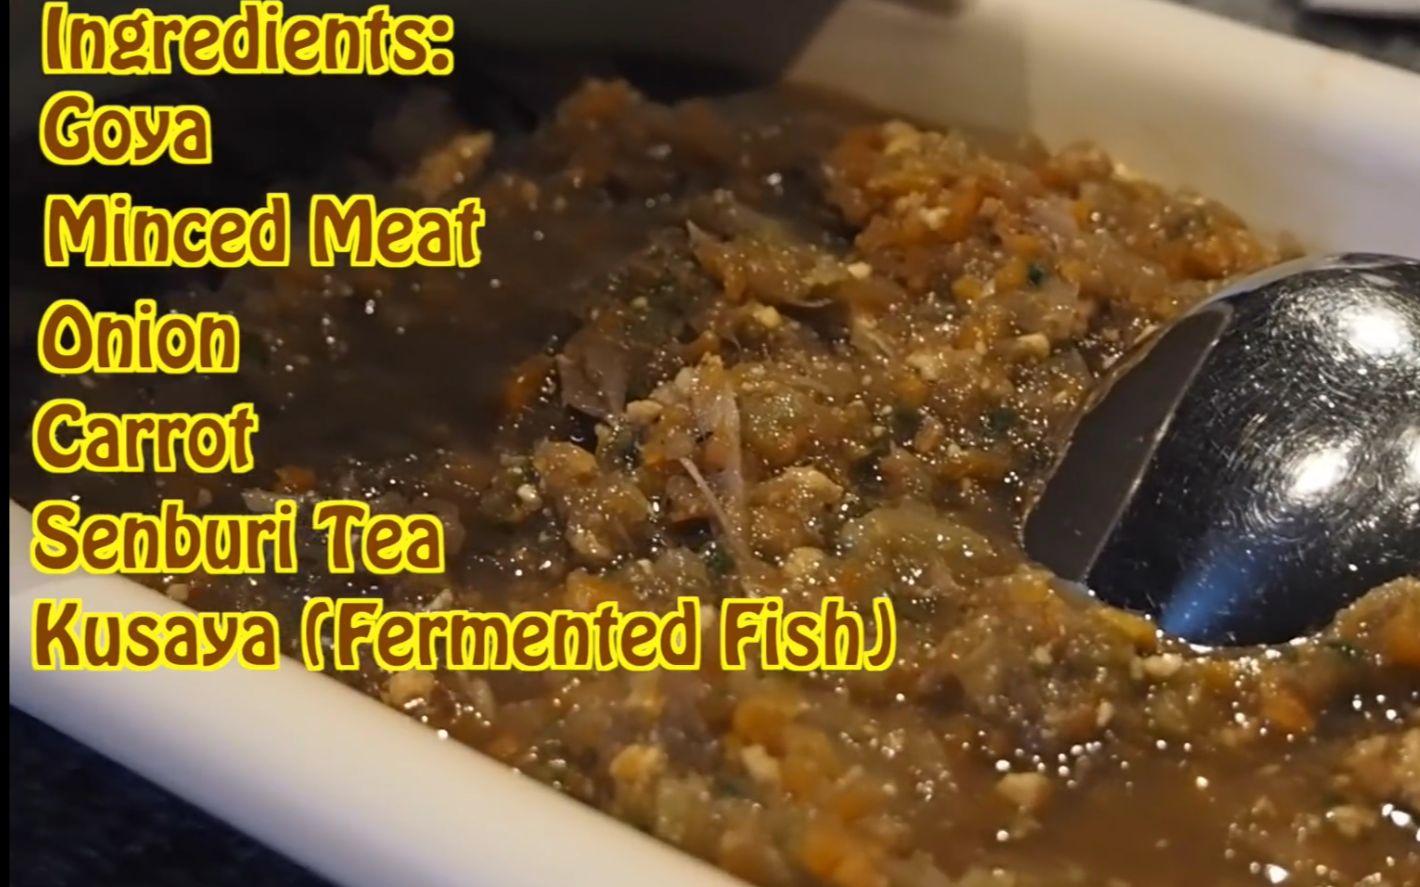 大便味的咖喱~装在马桶里面吃~刚吃完饭的我看得都要